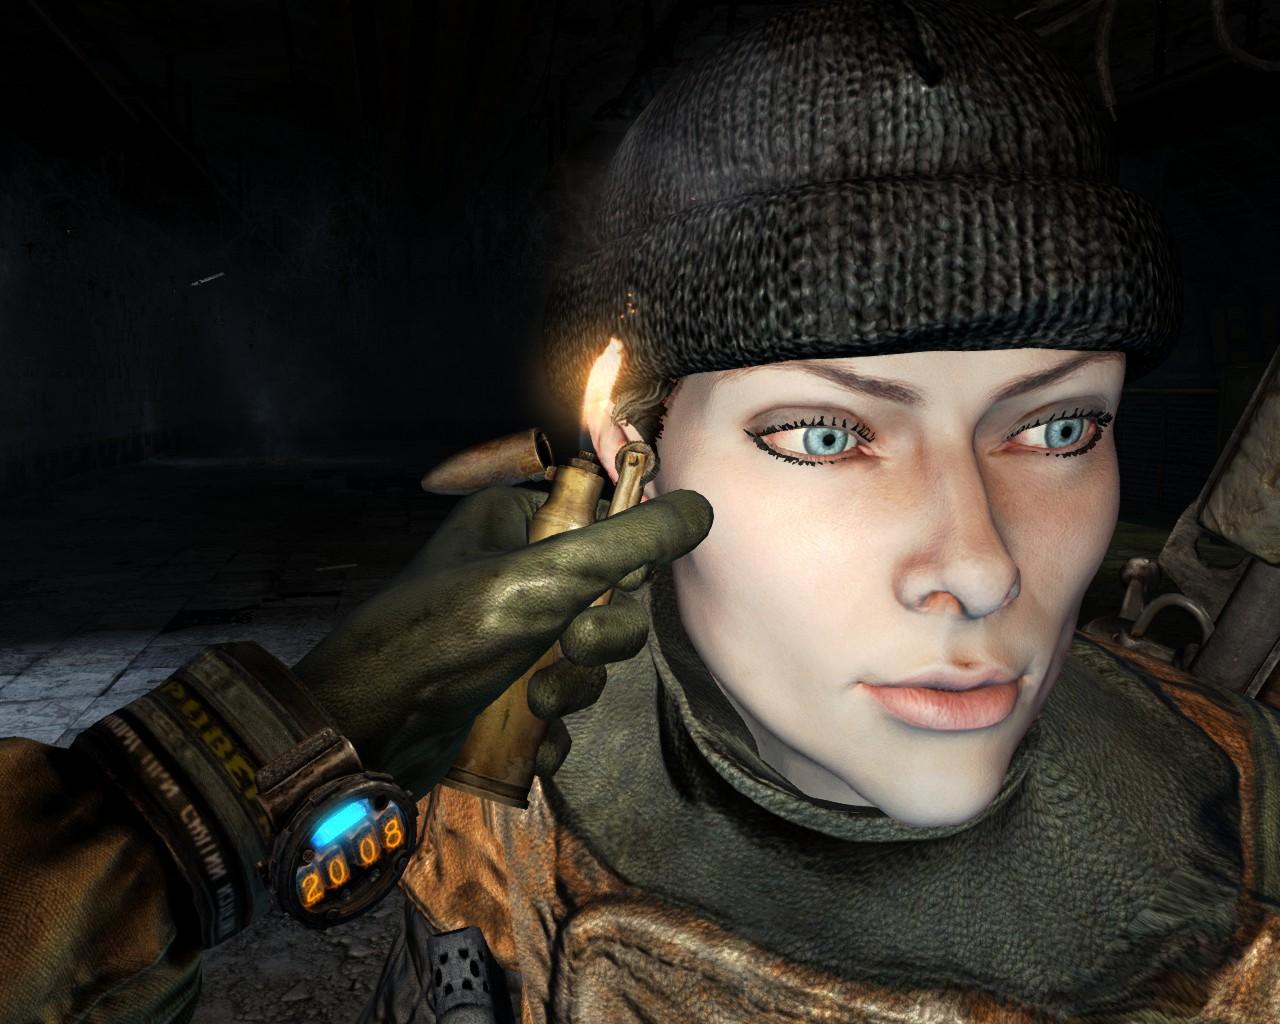 лицо артёма из метро 2033 картинки